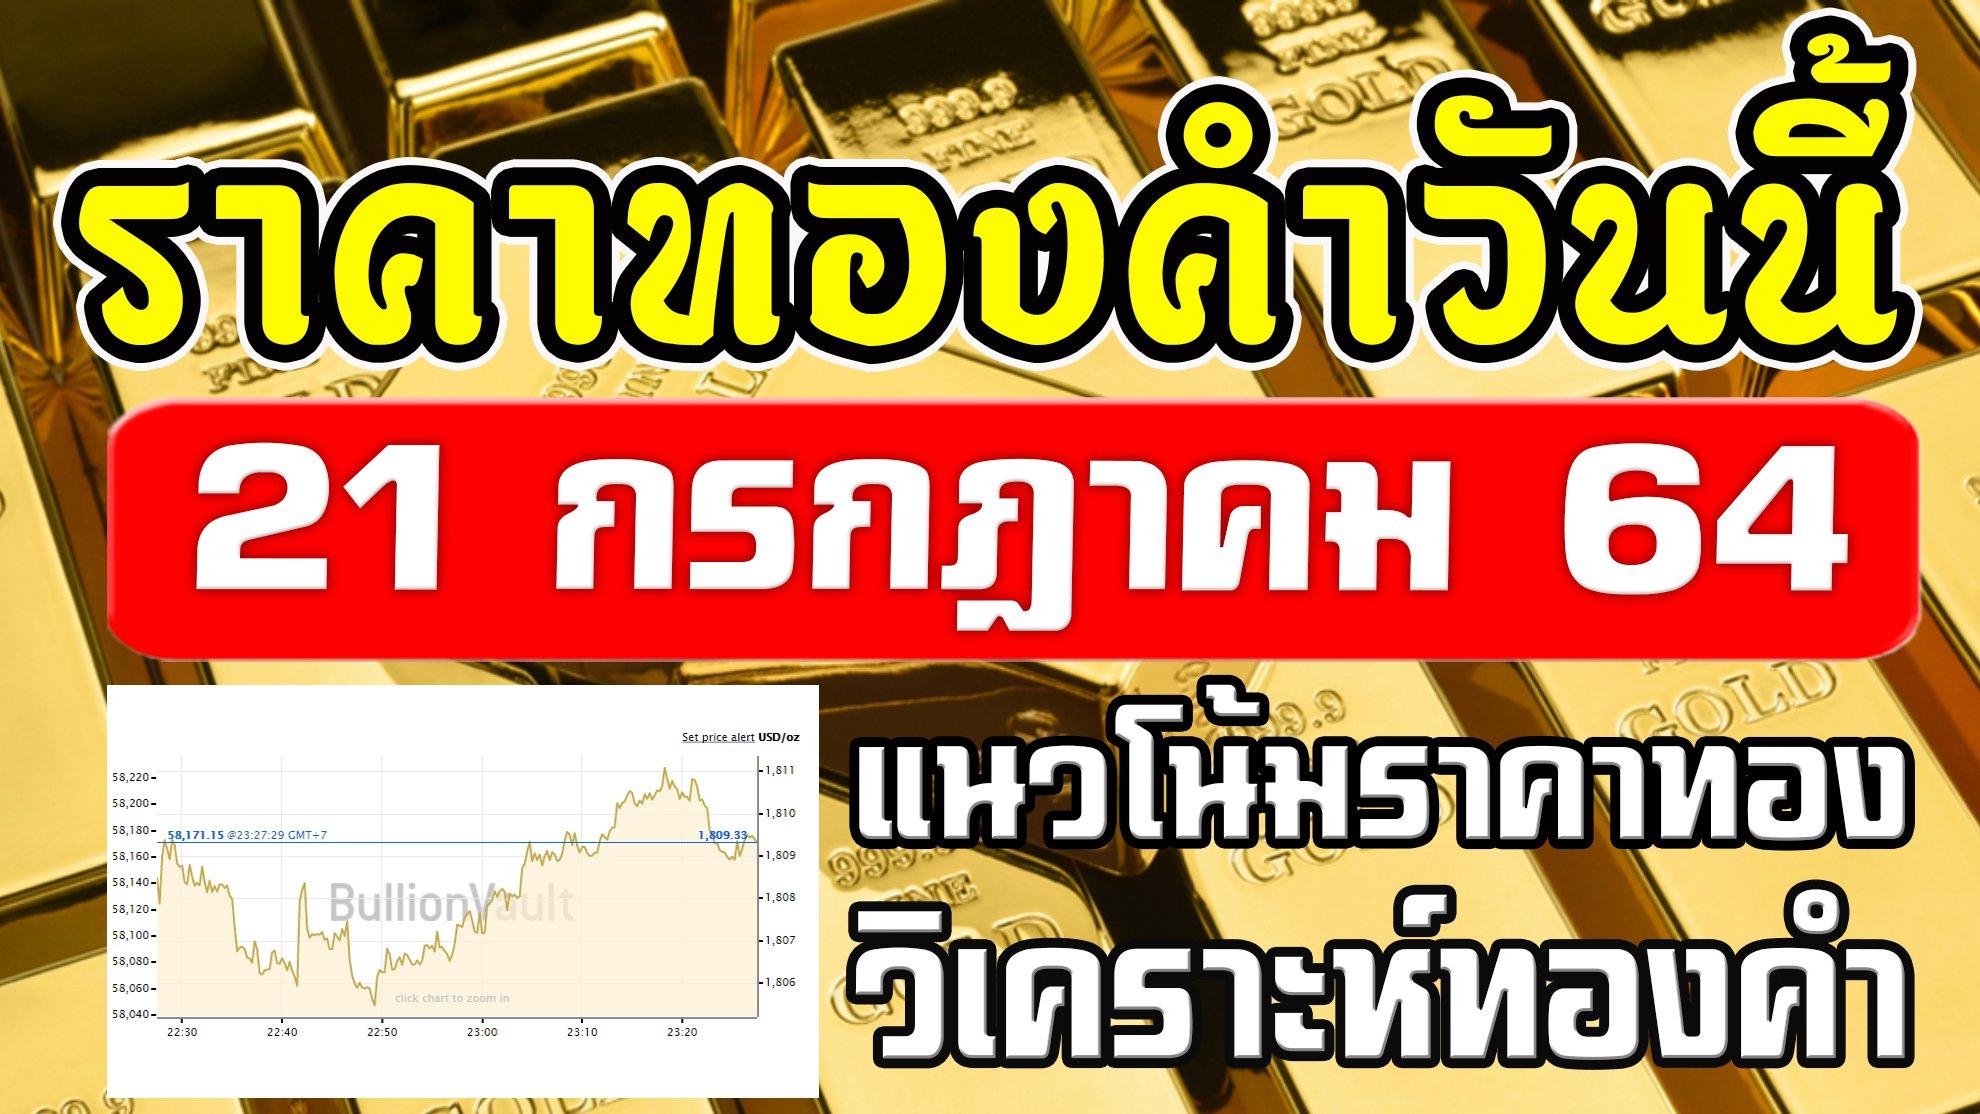 ราคาทองคำวันนี้ 21ก.ค.64 ราคาทองวันนี้ ทองขึ้น แนวโน้มราคาทอง วิเคราะห์ทองคำ 21/7/64 ราคาทอง+กำเหน็จ